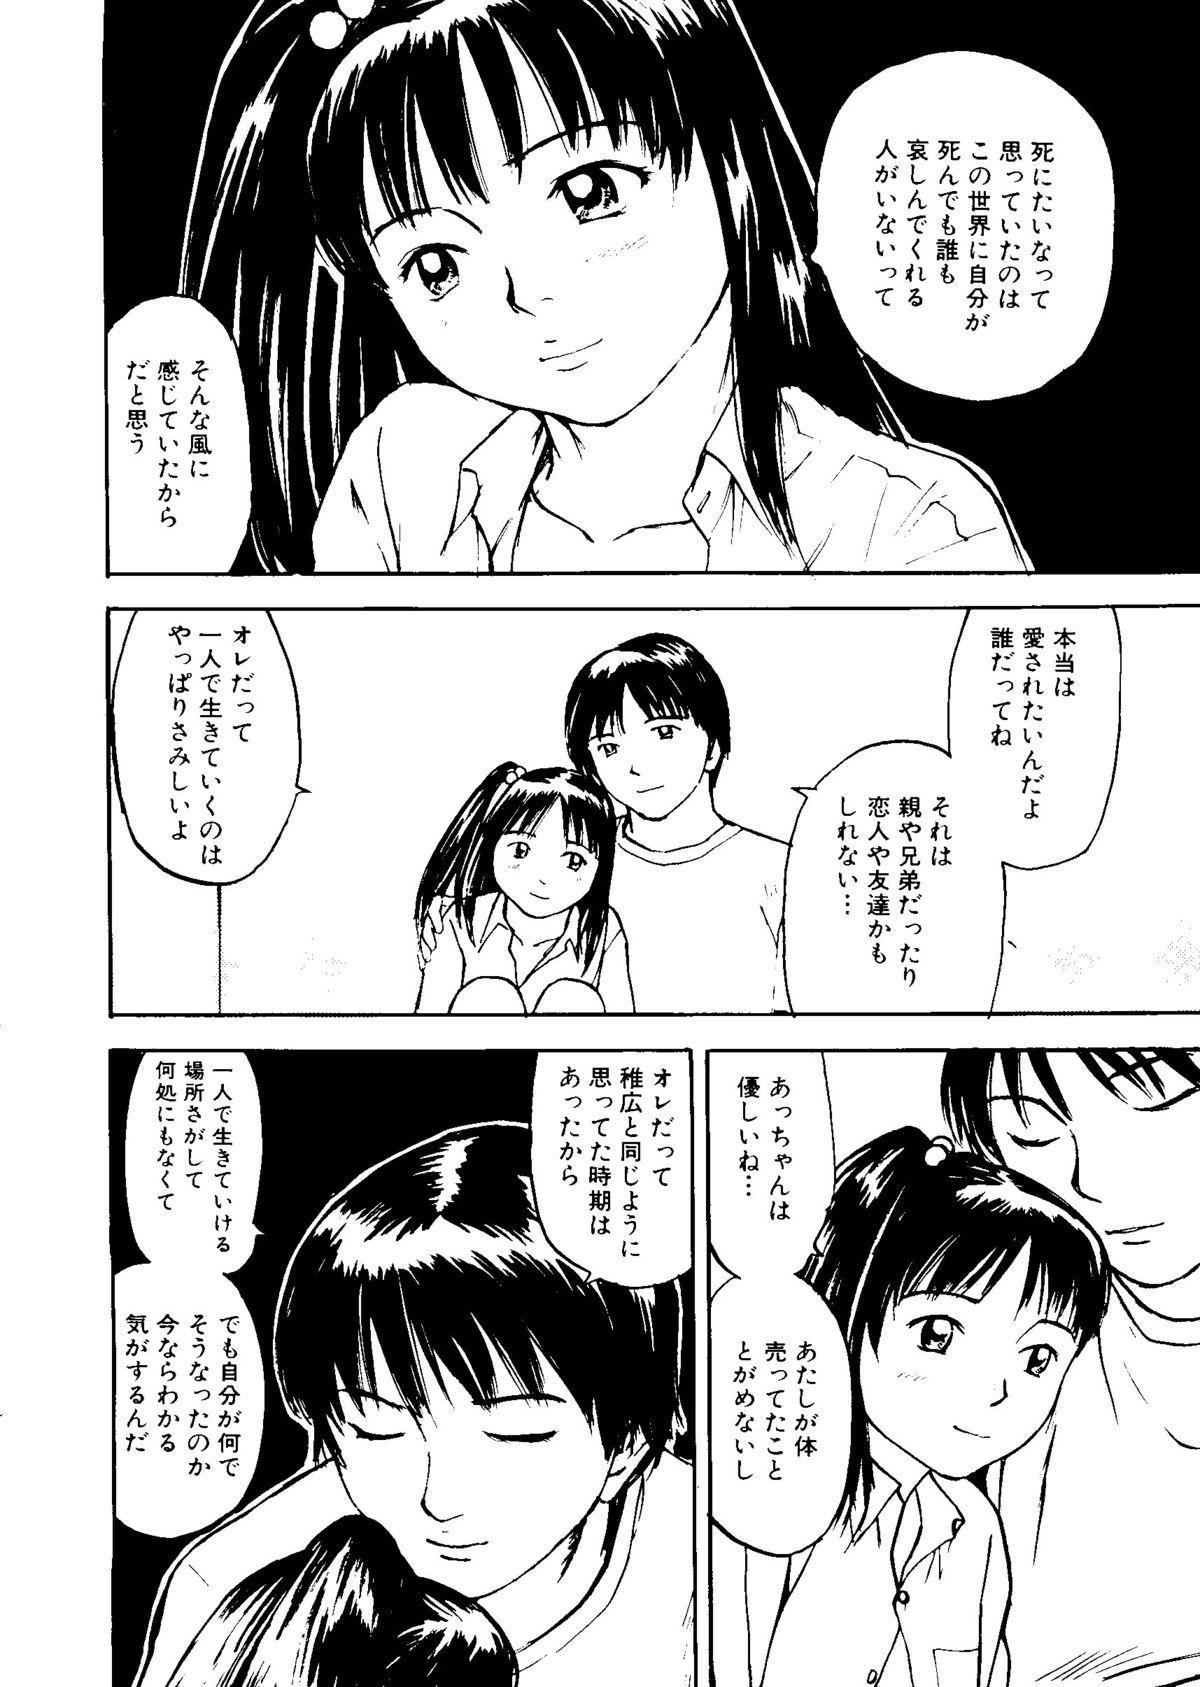 Mujirushi Youhin Vol. 7 156